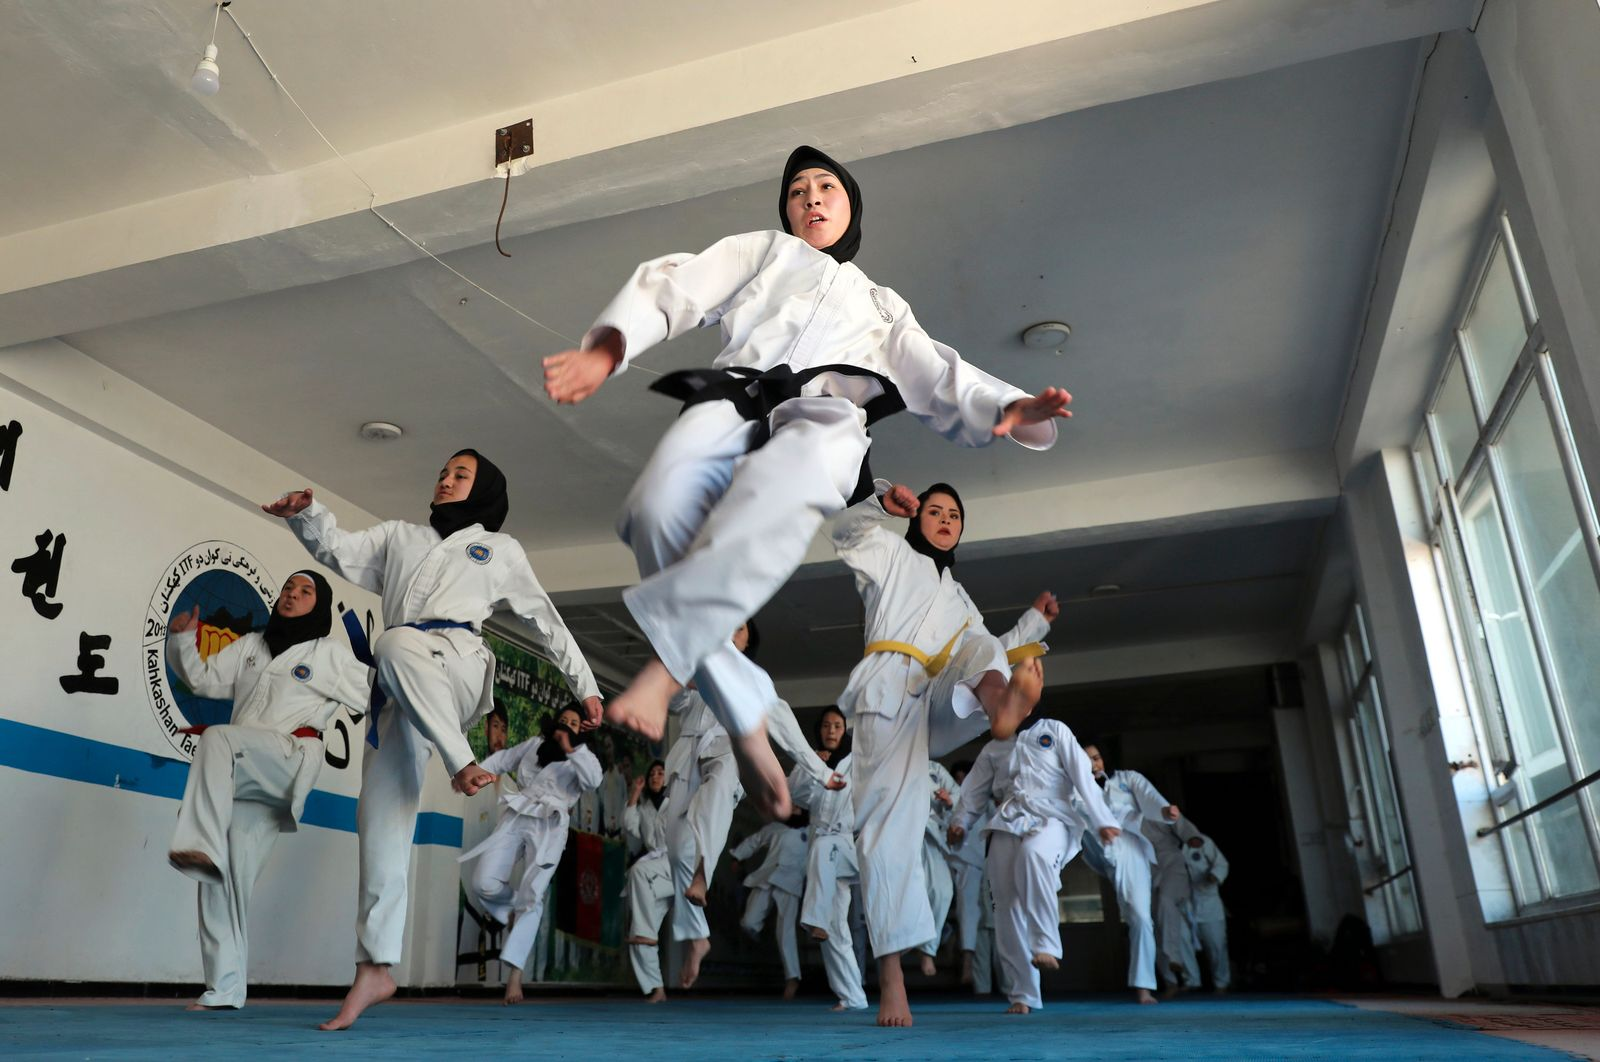 APTOPIX Afghanistan Taekwondo